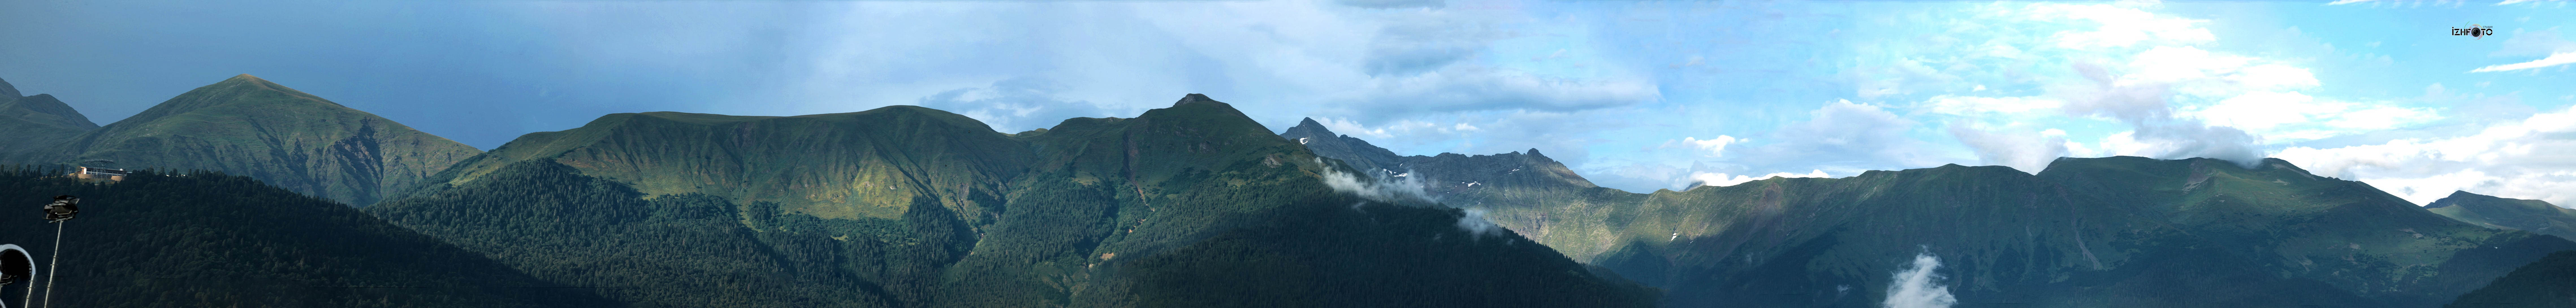 Панорамы  горной олимпийской деревни Сочи